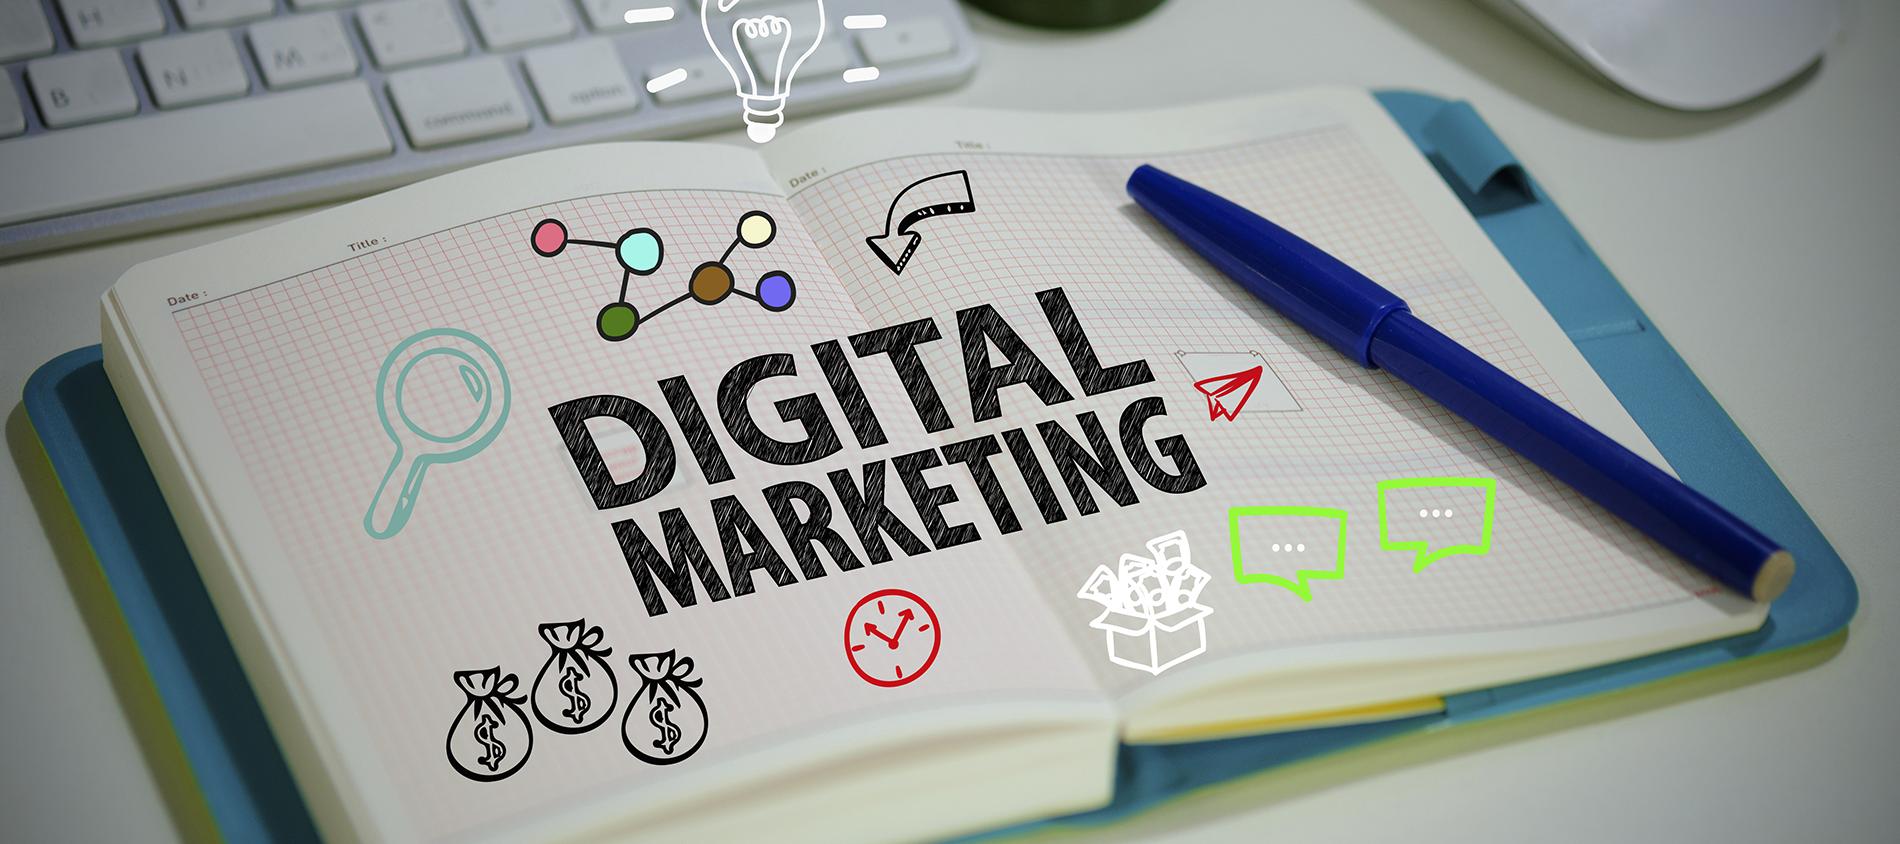 Las mejores estrategias de Marketing Digital (actualizado 2018)